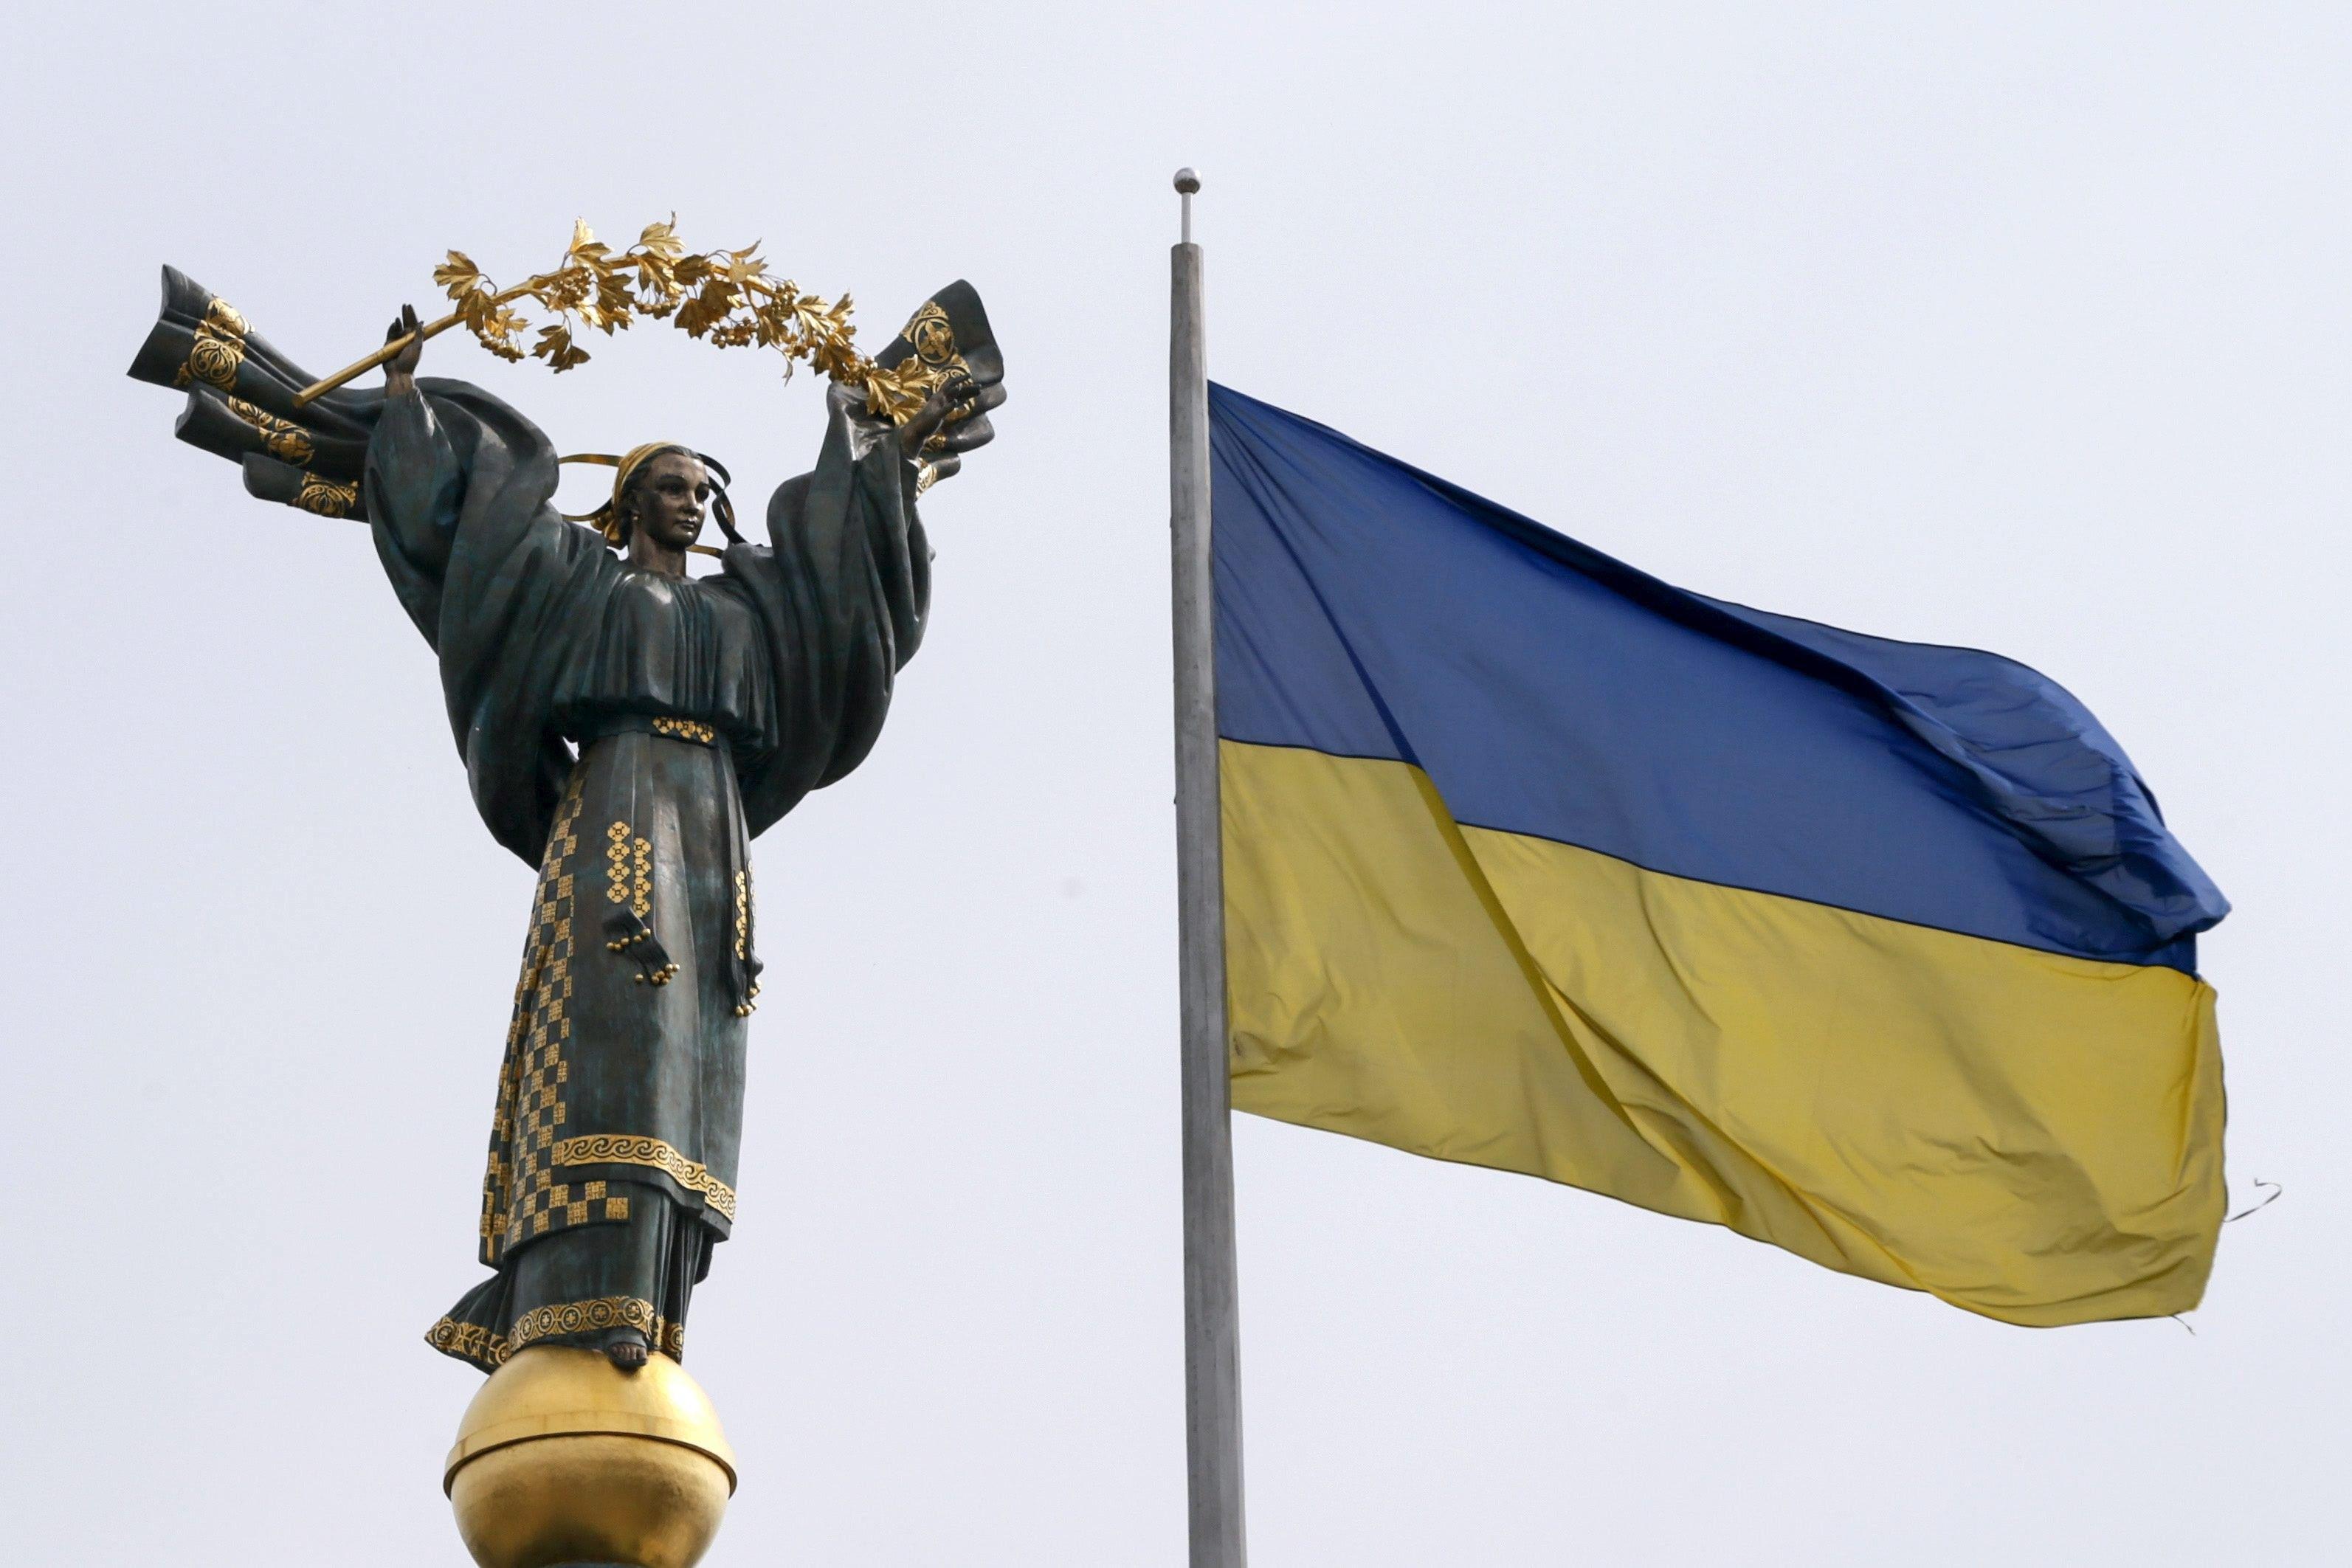 Цьогоріч Україна святкуватиме 30-річчя незалежності / фото REUTERS